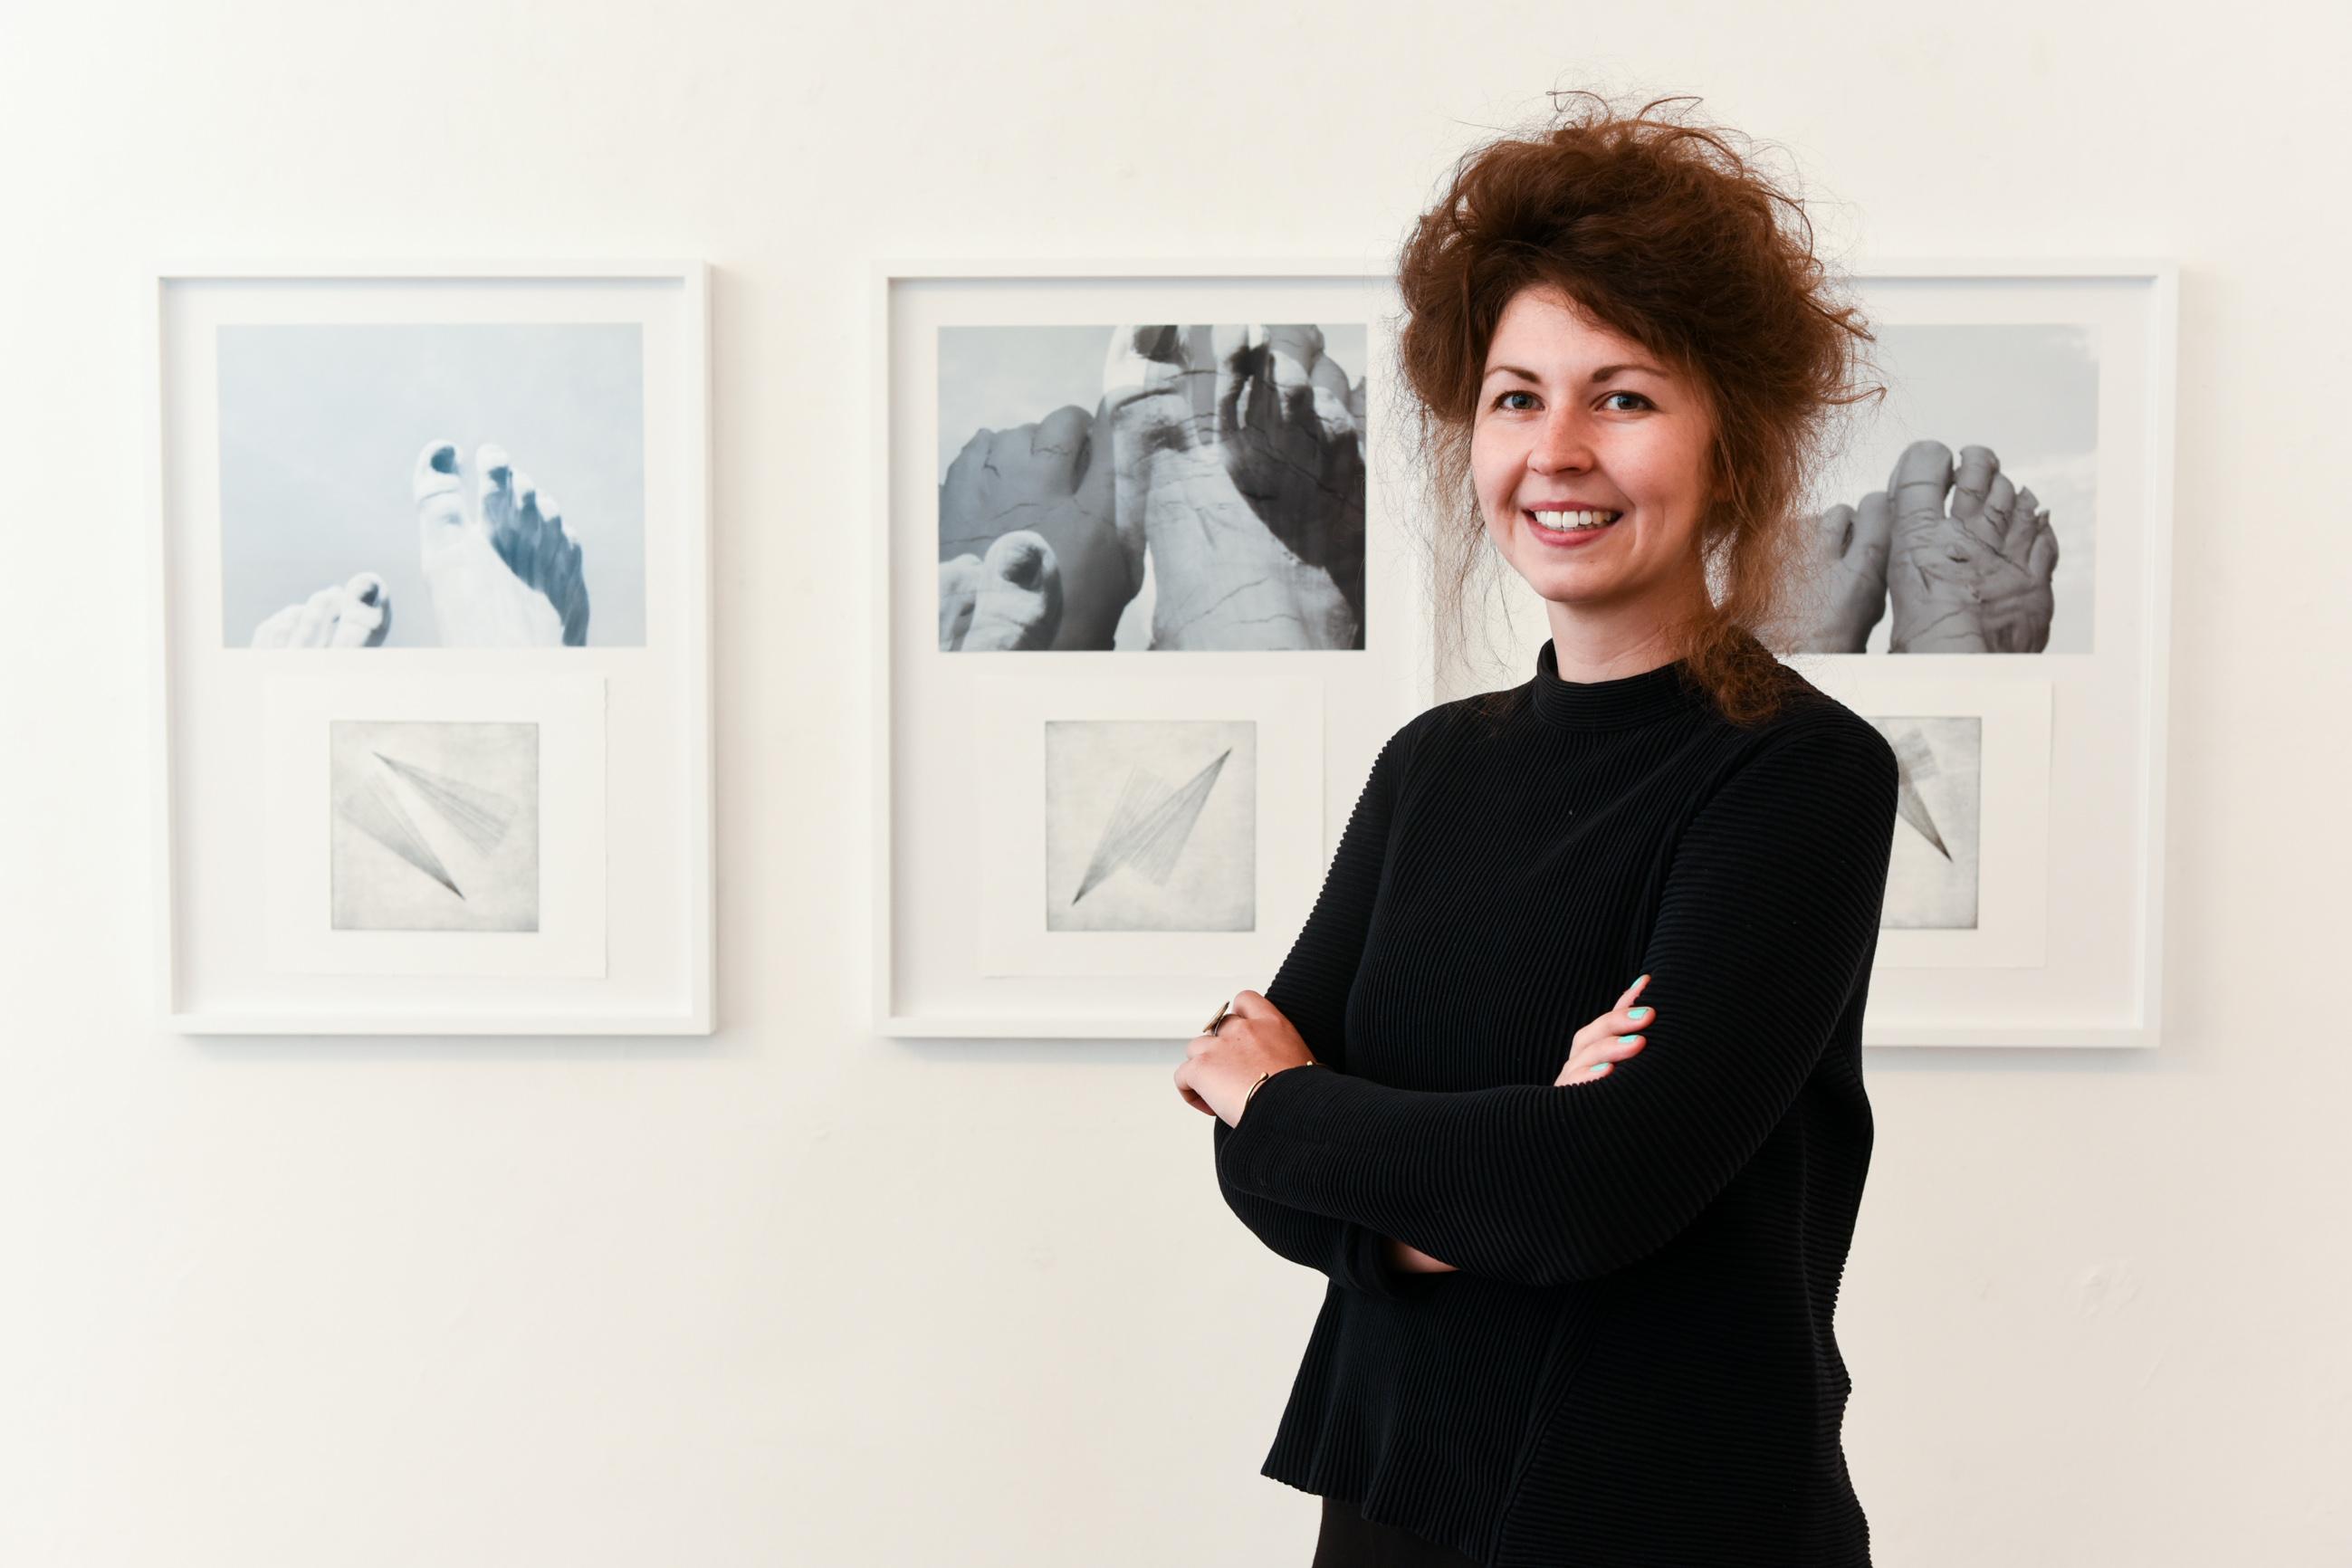 Galerie3 | BA Kunstpreis 2018 | Katarina Michelitsch | Foto: Ferdinand Neumüller Galerie3